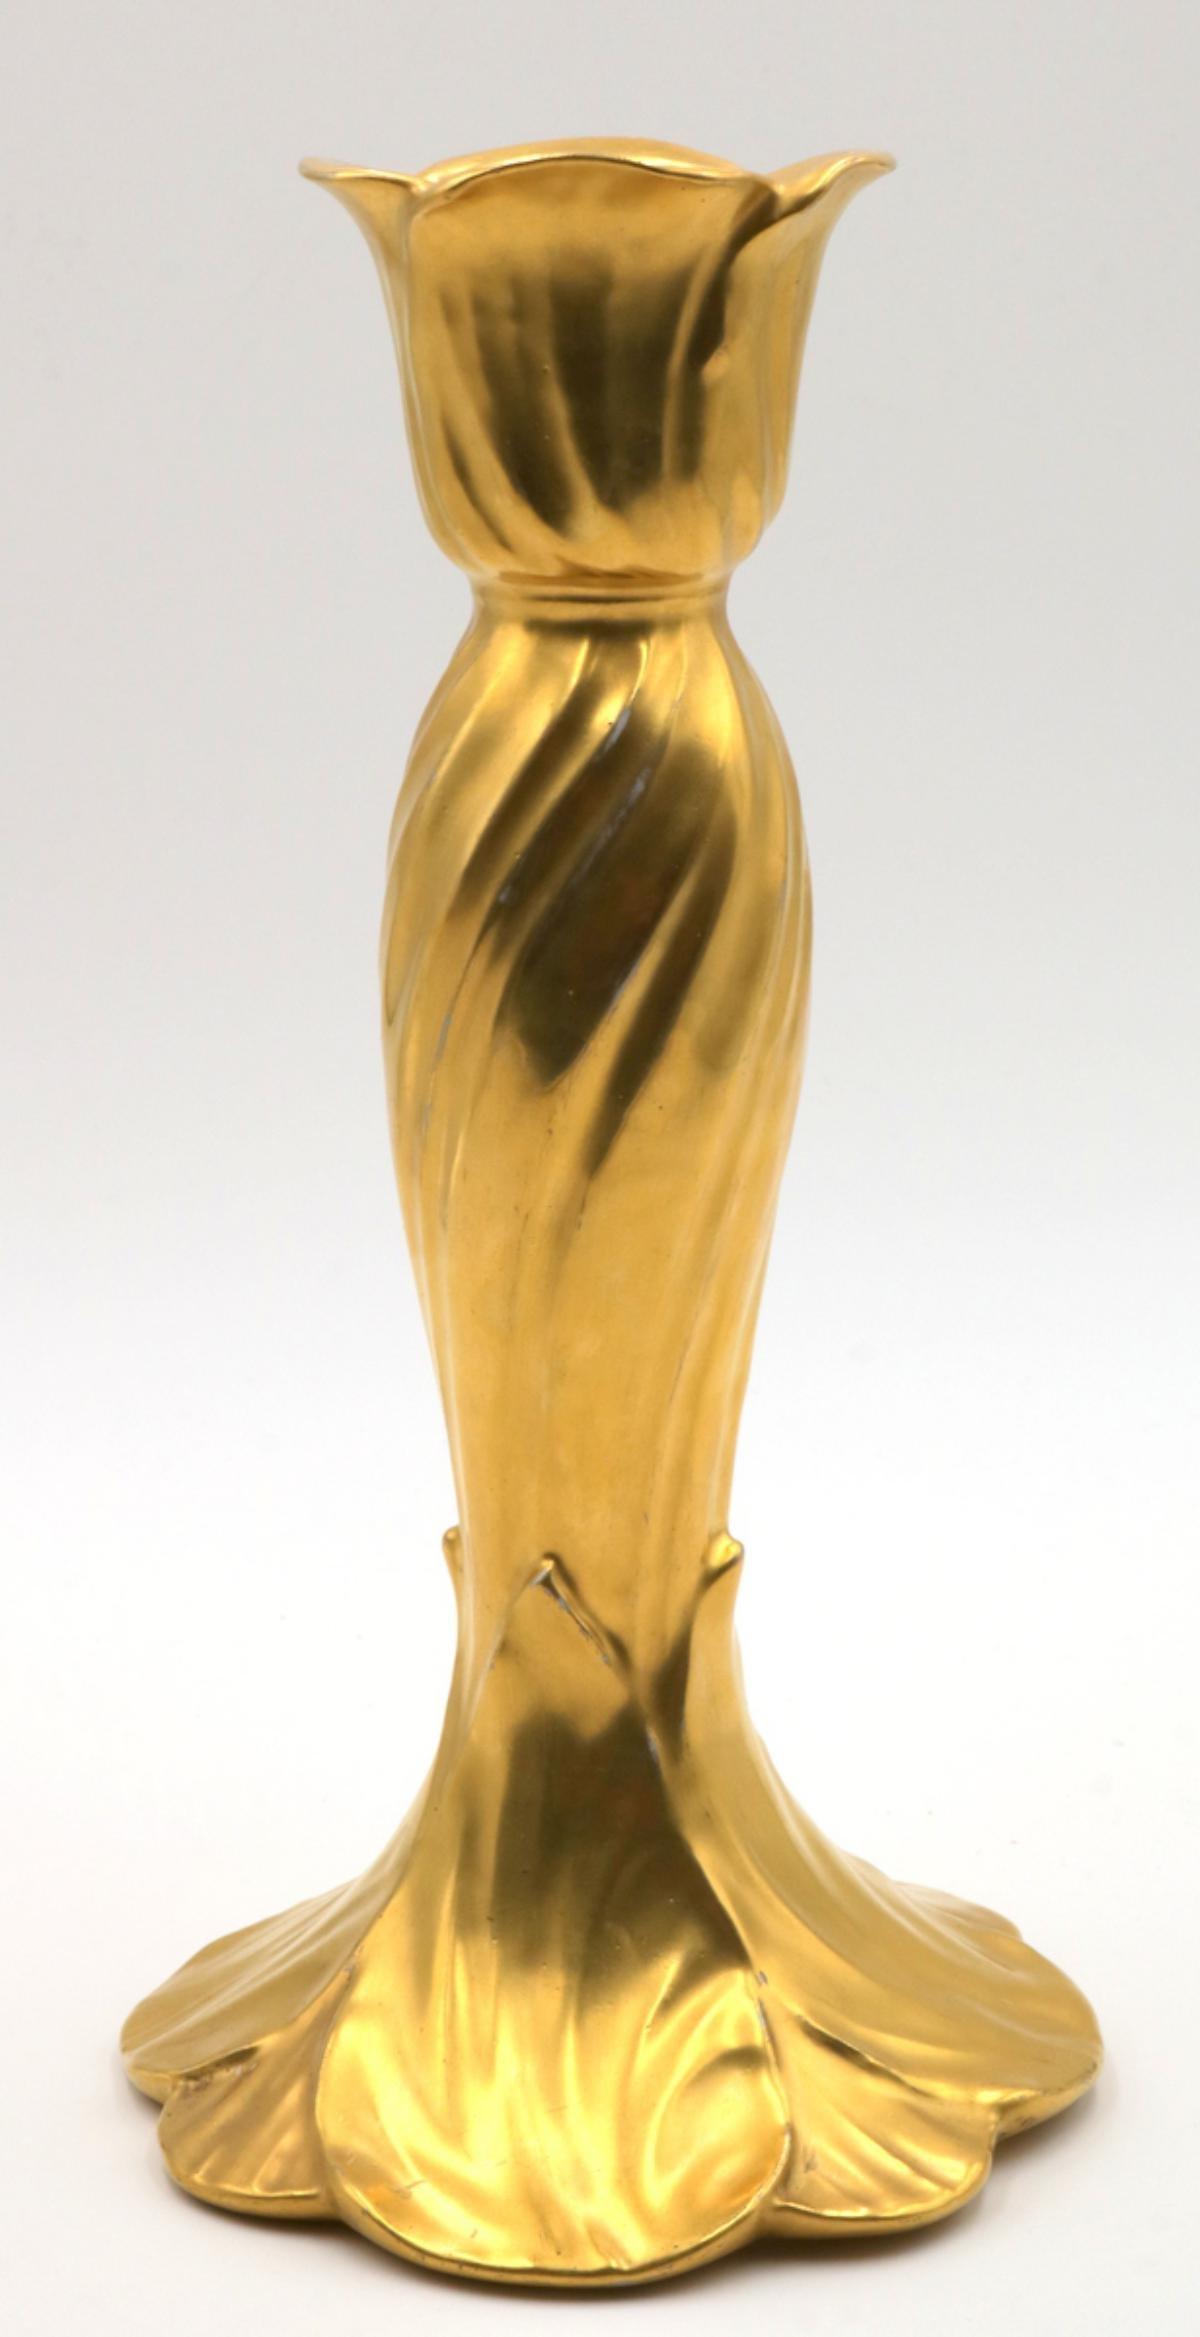 Antique Limoges France Gilded Candle Stick